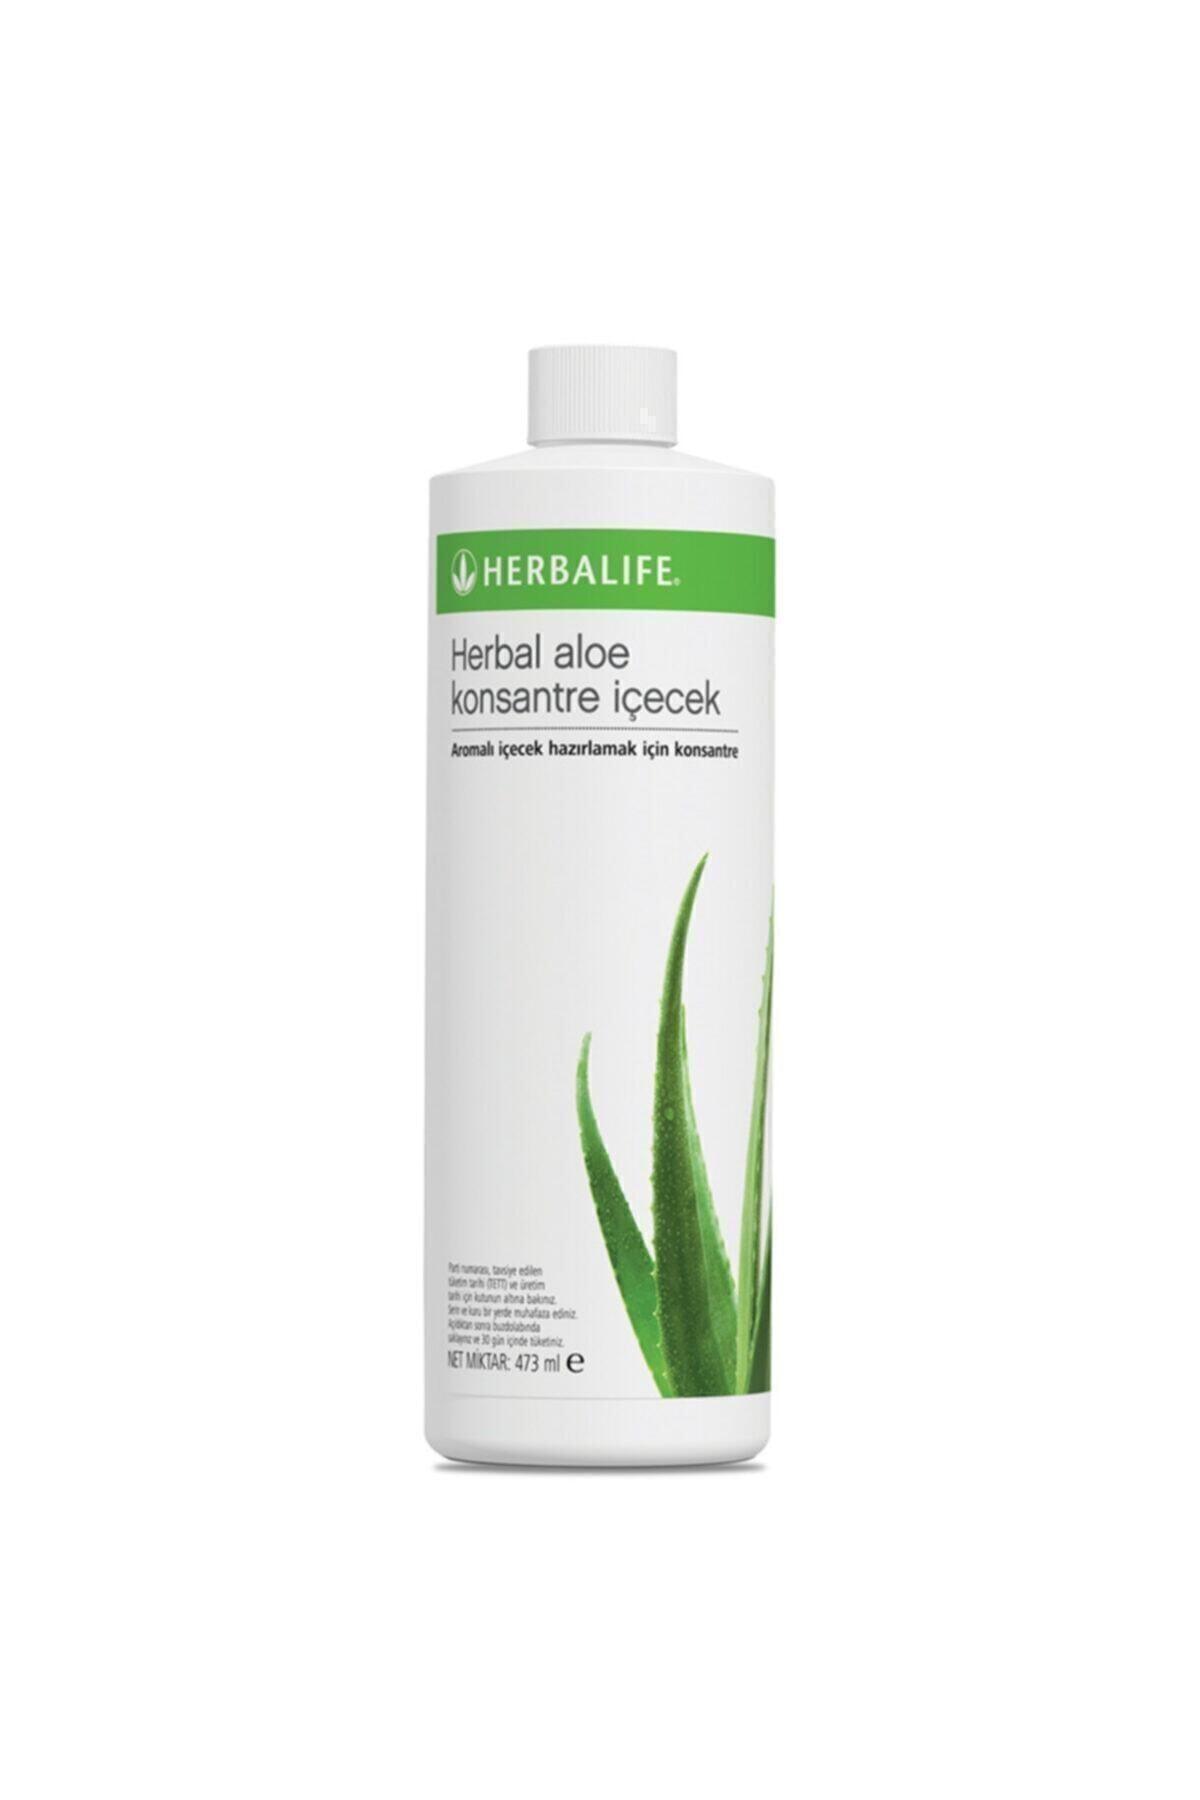 Herbalife Herbal Aloe Konsantre Içecek 473ml 1